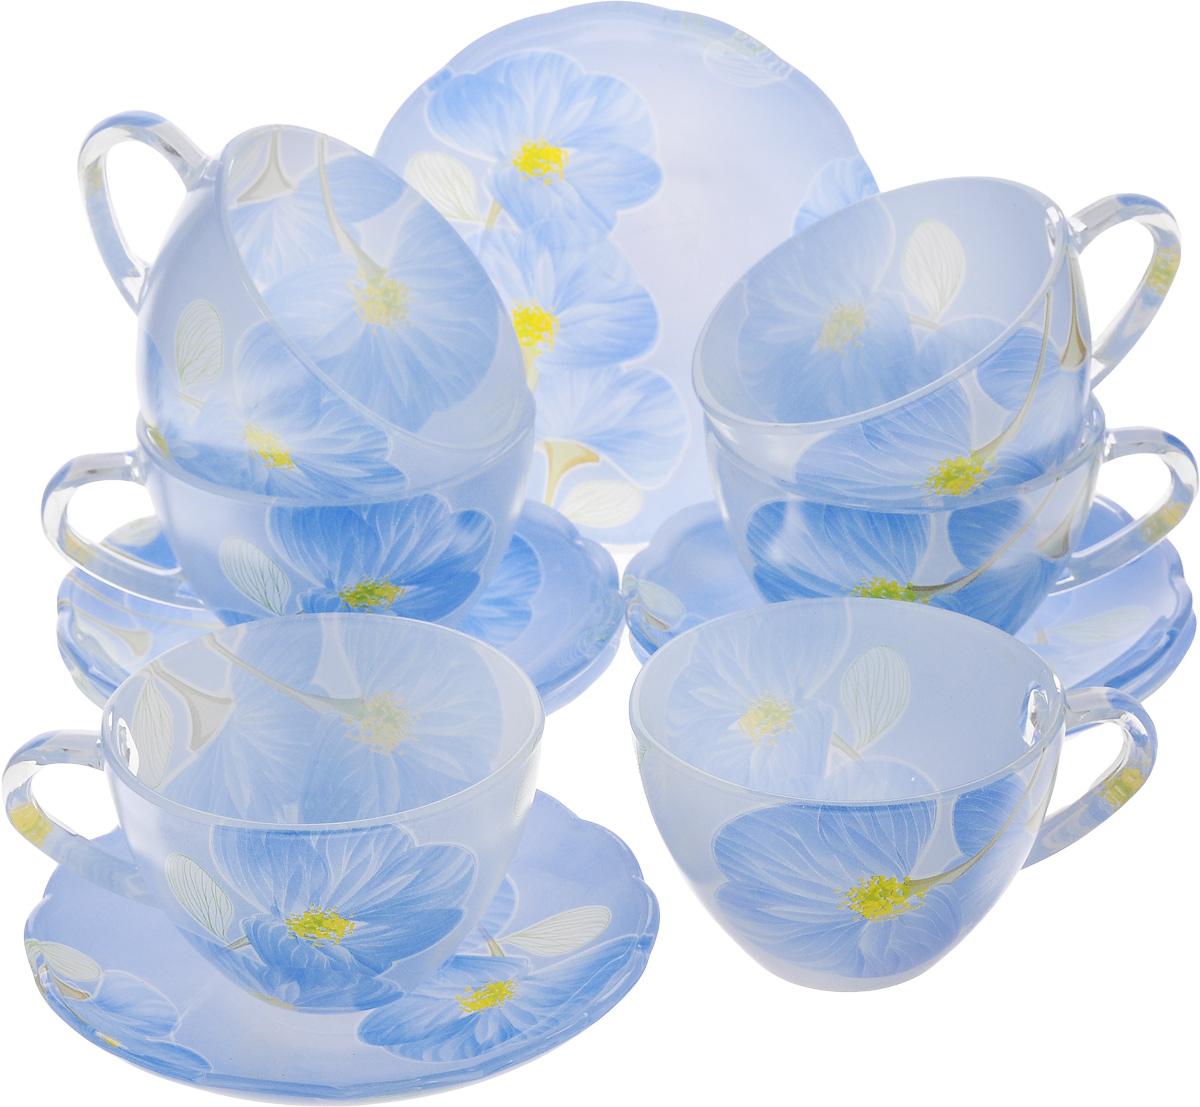 Набор чайный Loraine, 12 предметов. 2412324123Чайный набор Loraine состоит из 6 чашек и 6 блюдец, выполненных из высококачественного стекла. Изделия прекрасно дополнят сервировку стола к чаепитию. Благодаря изысканному дизайну и качеству исполнения такой набор станет замечательным подарком для ваших друзей и близких. Объем чашки: 200 мл. Диаметр чашки по верхнему краю: 9 см. Высота чашки: 6 см. Диаметр блюдца: 13 см. Высота блюдца: 2 см.